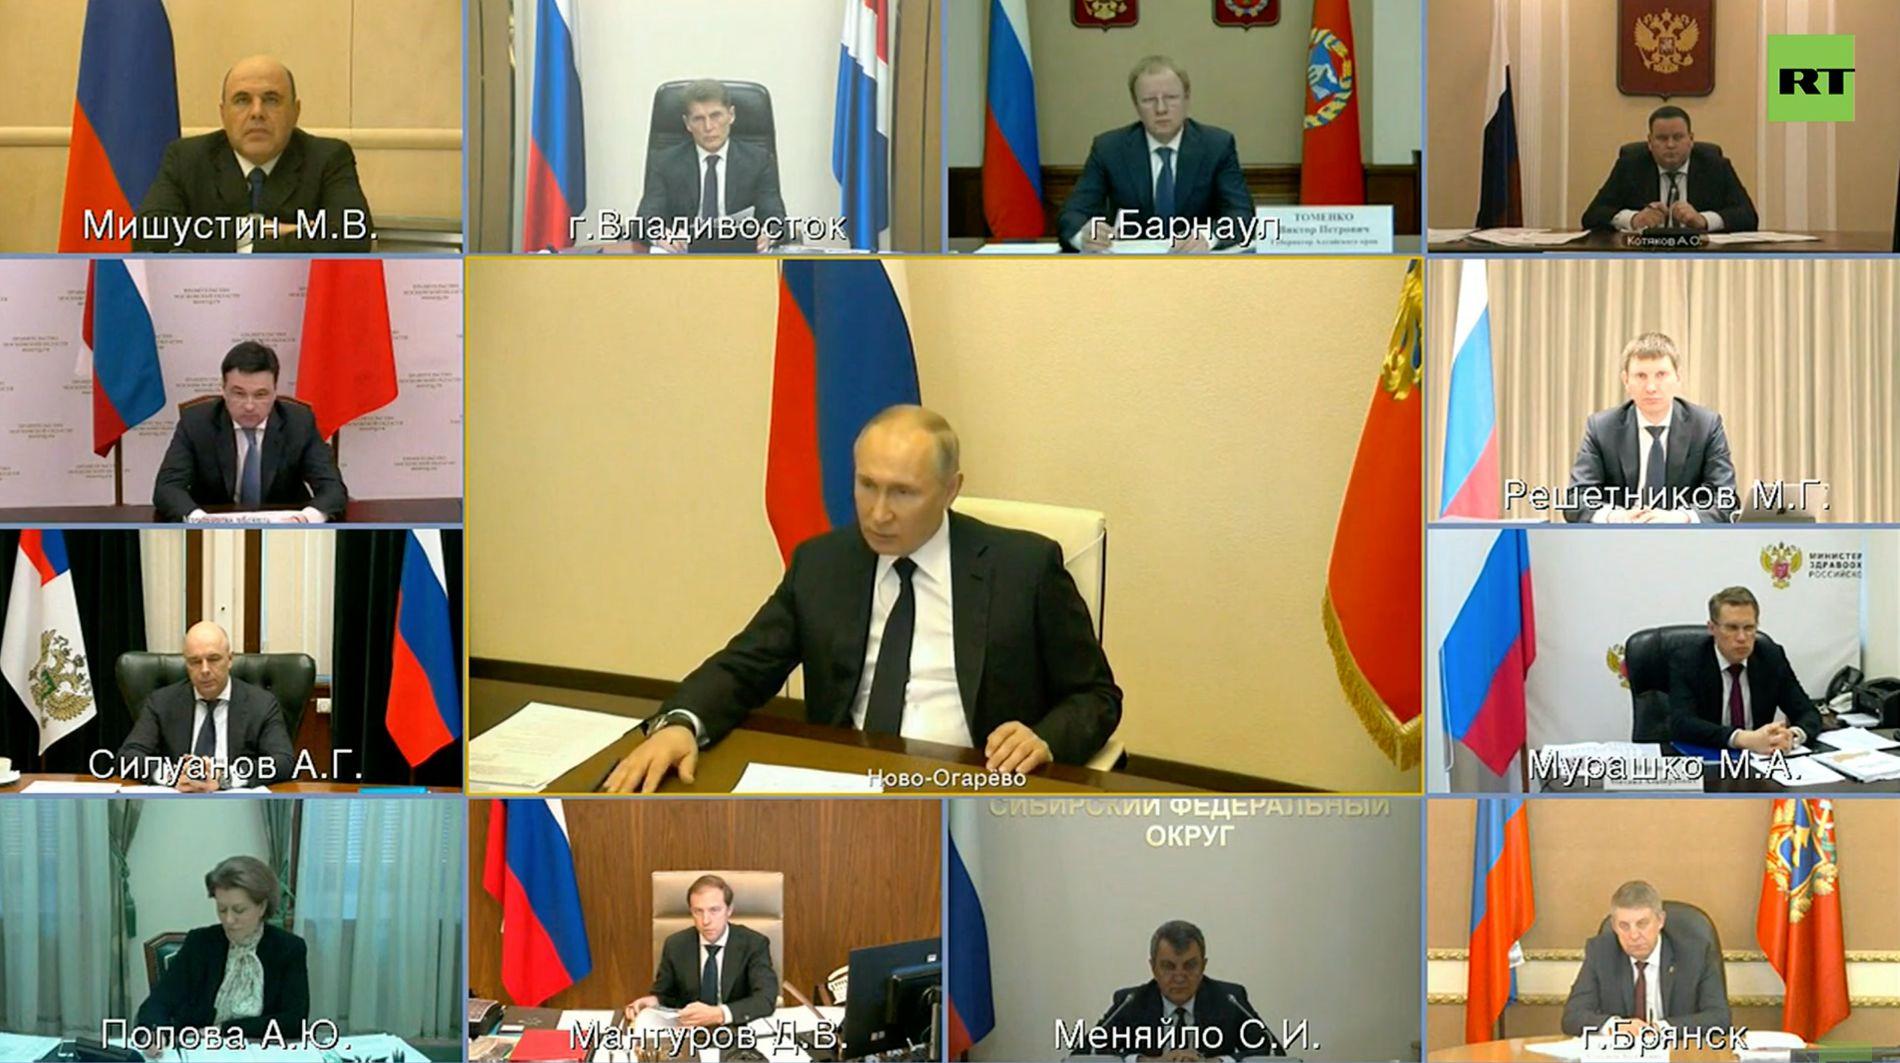 """Вступительное слово Путина перед совещанием с губернаторами ©Скриншот с youtube-канала """"RT на русском"""", youtube.com/watch?v=X8Qg7b4GyYk&feature=emb_logo"""